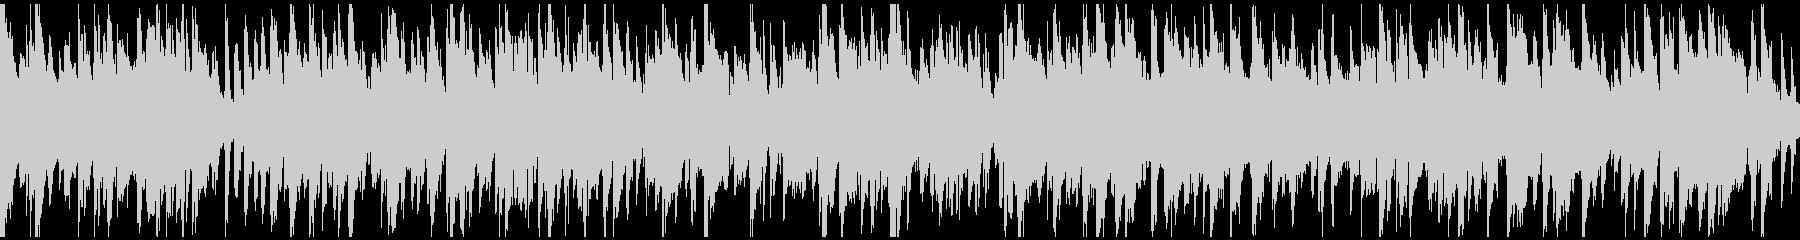 ライトで軽い音色のジャズ ※ループ仕様版の未再生の波形